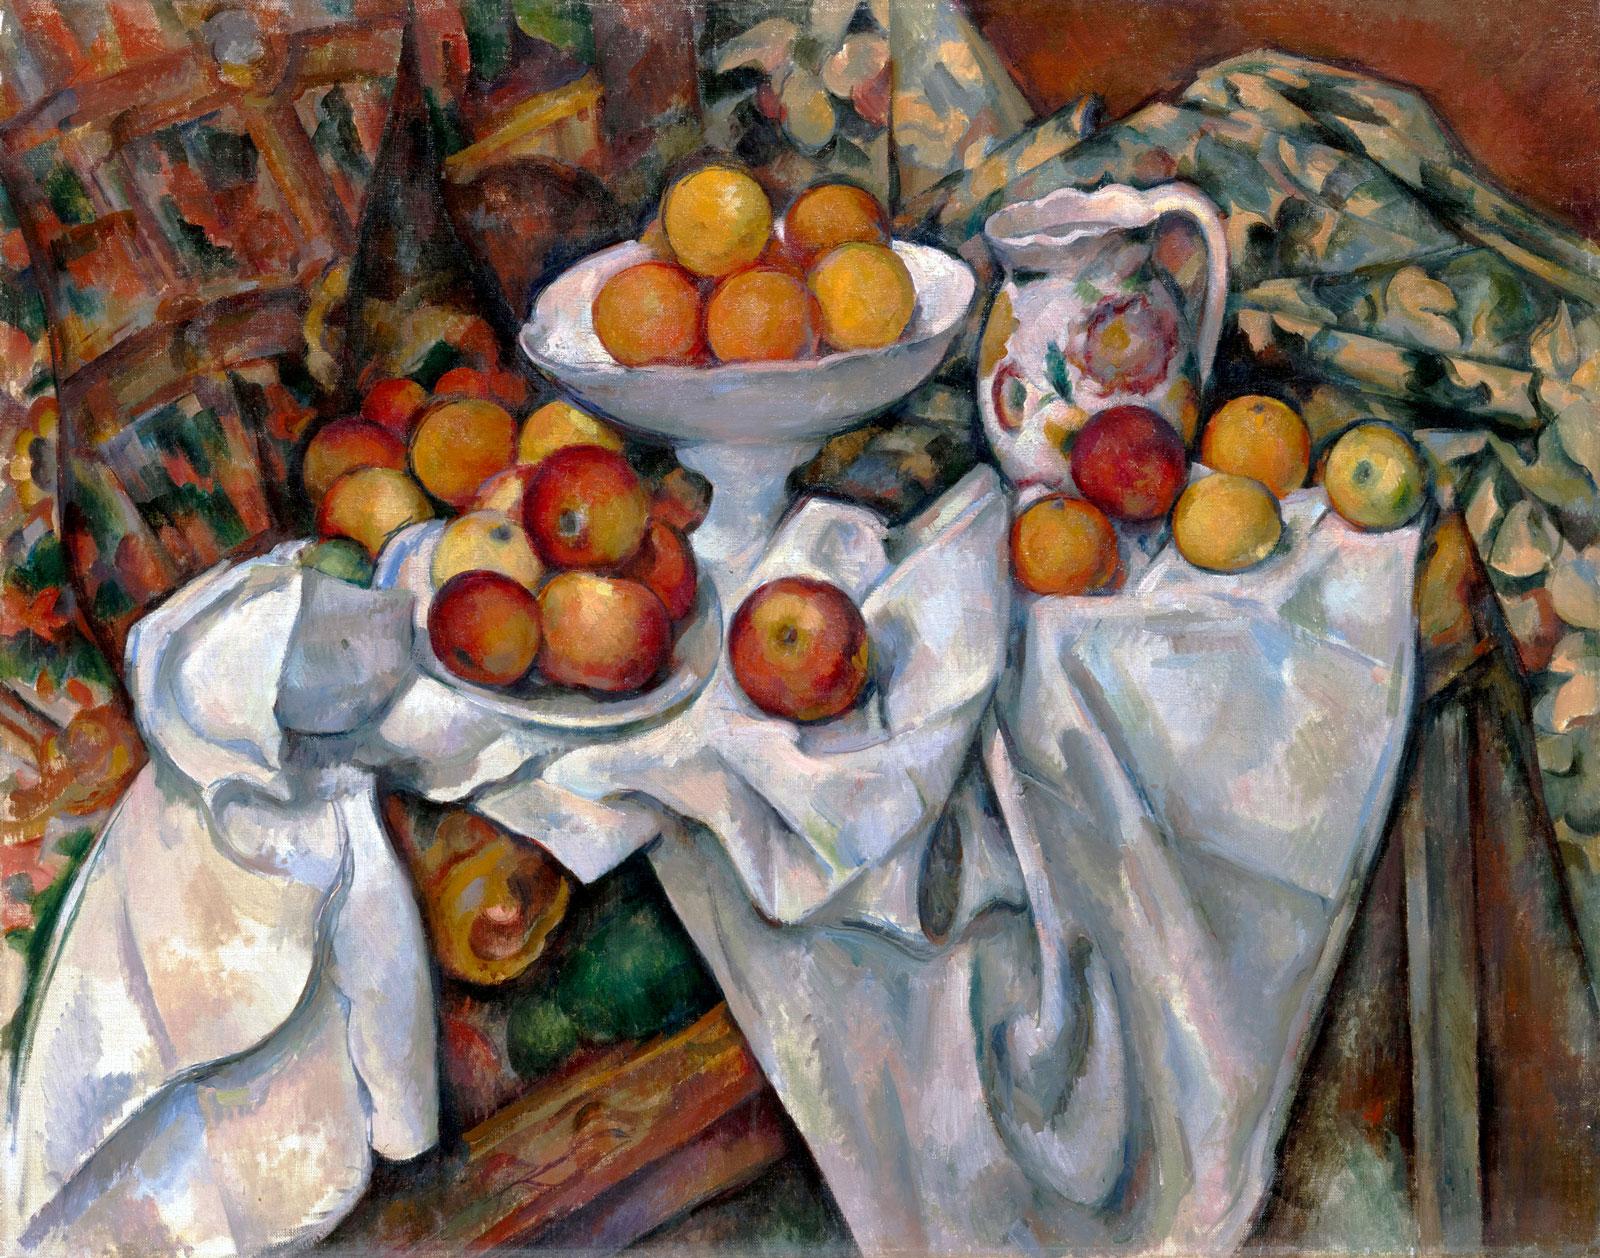 セザンヌ「リンゴとオレンジ(Pommes et oranges)」